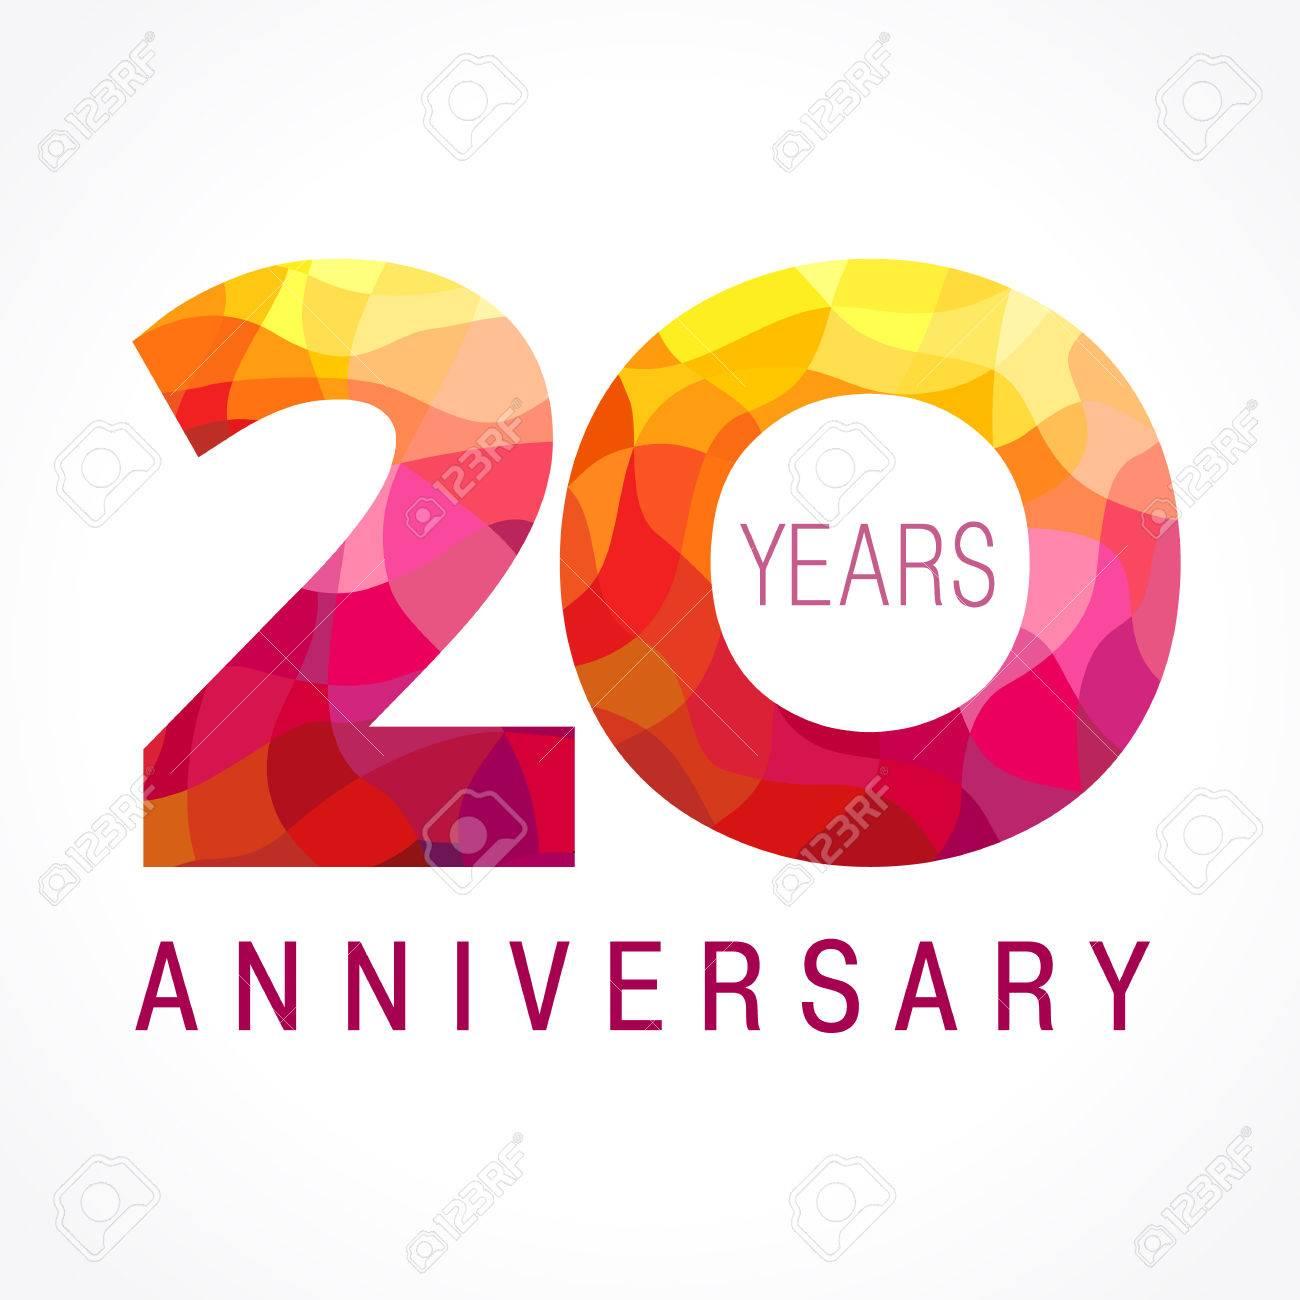 20 Ans Fêtant Le Logo De Feu Année Anniversaire Flamand Du 20ème Vector Template Flamy 0 Numbers Joyeux Anniversaire Des Célébrations En